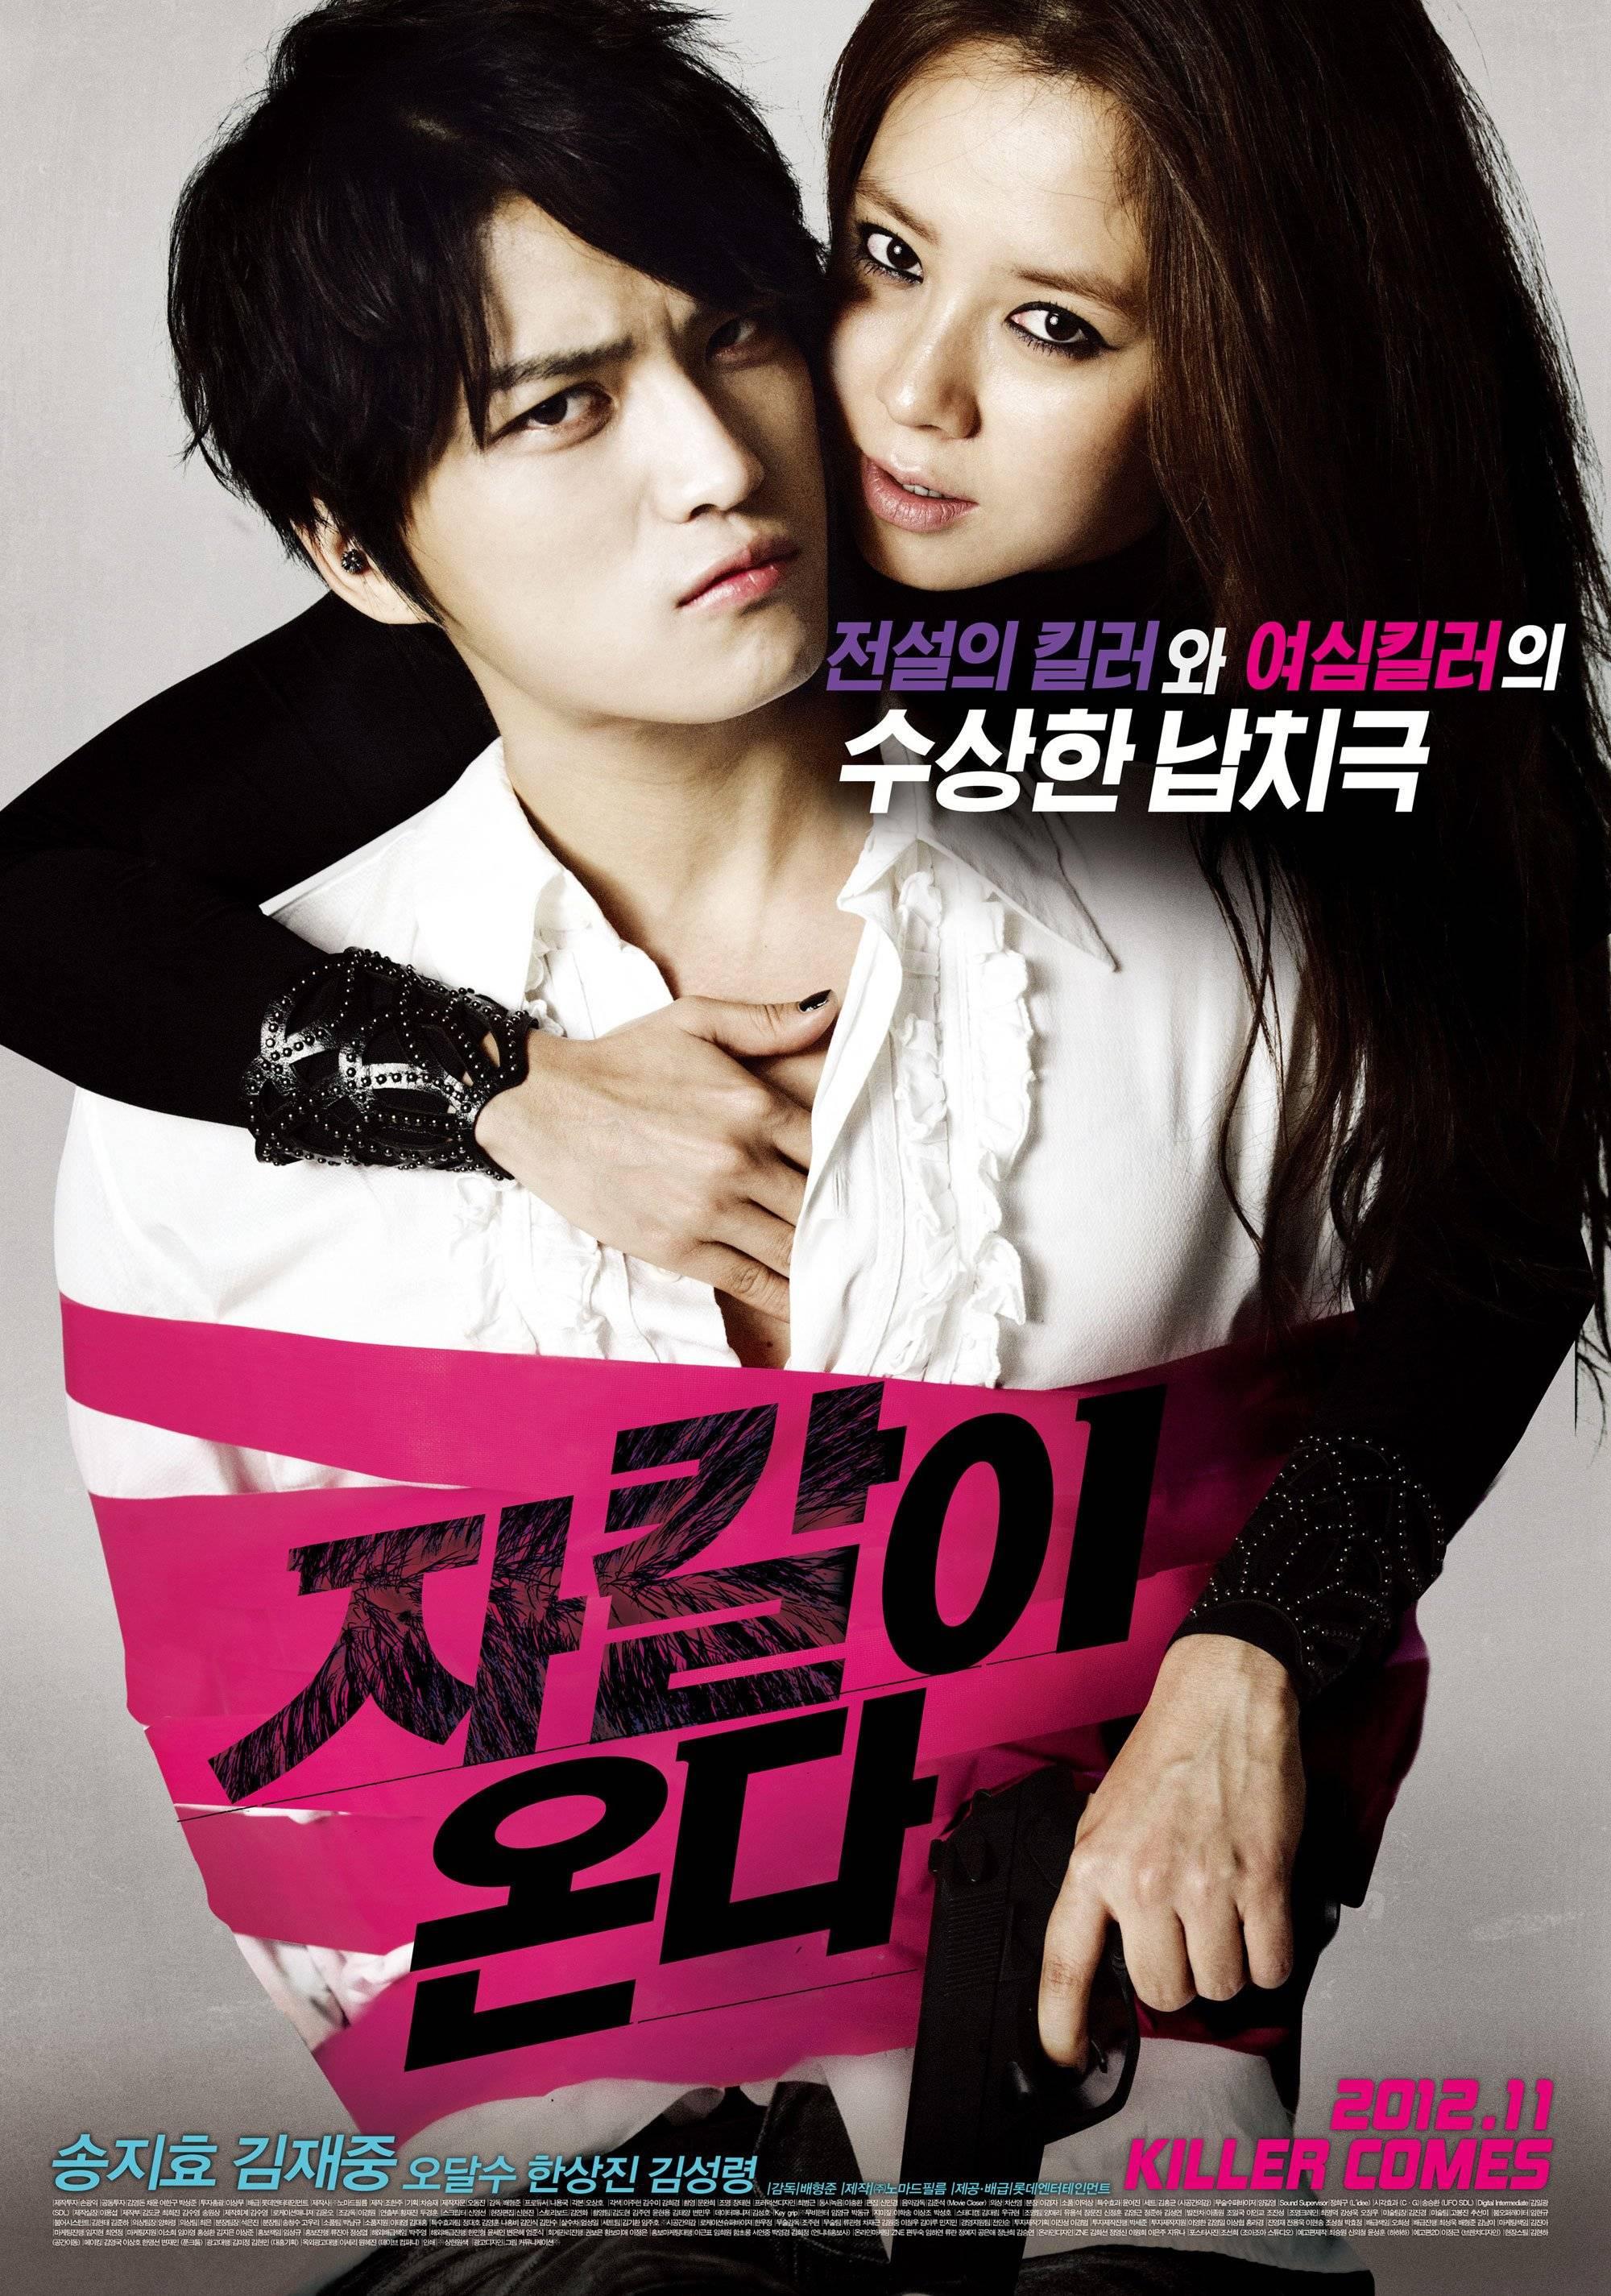 Ju ji hoon and song ji hyo dating